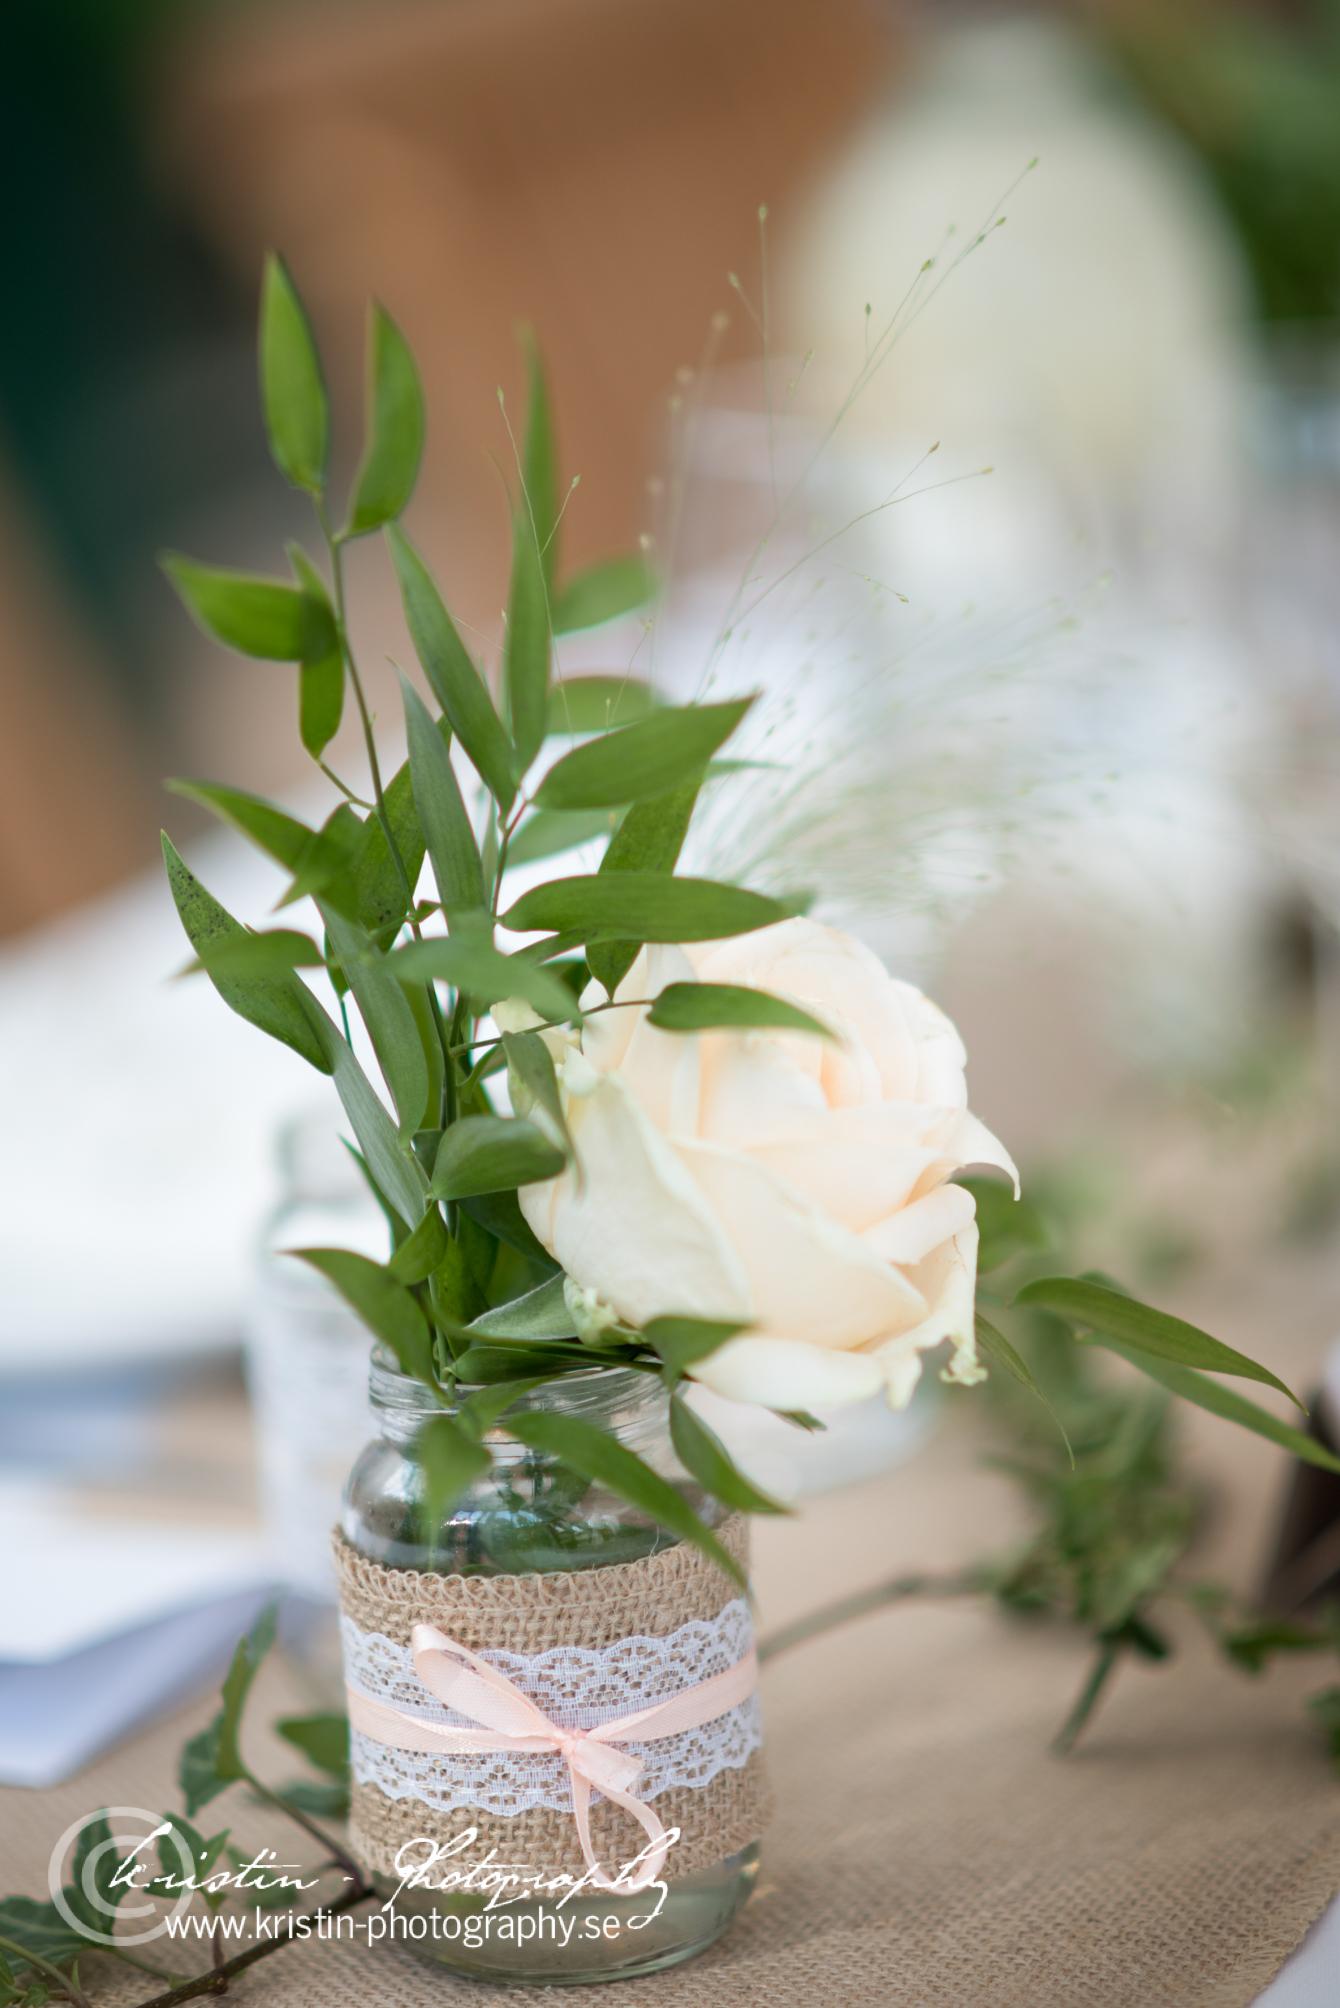 Bröllopsfotograf i Eskilstuna, Kristin - Photography, weddingphotographer -193.jpg